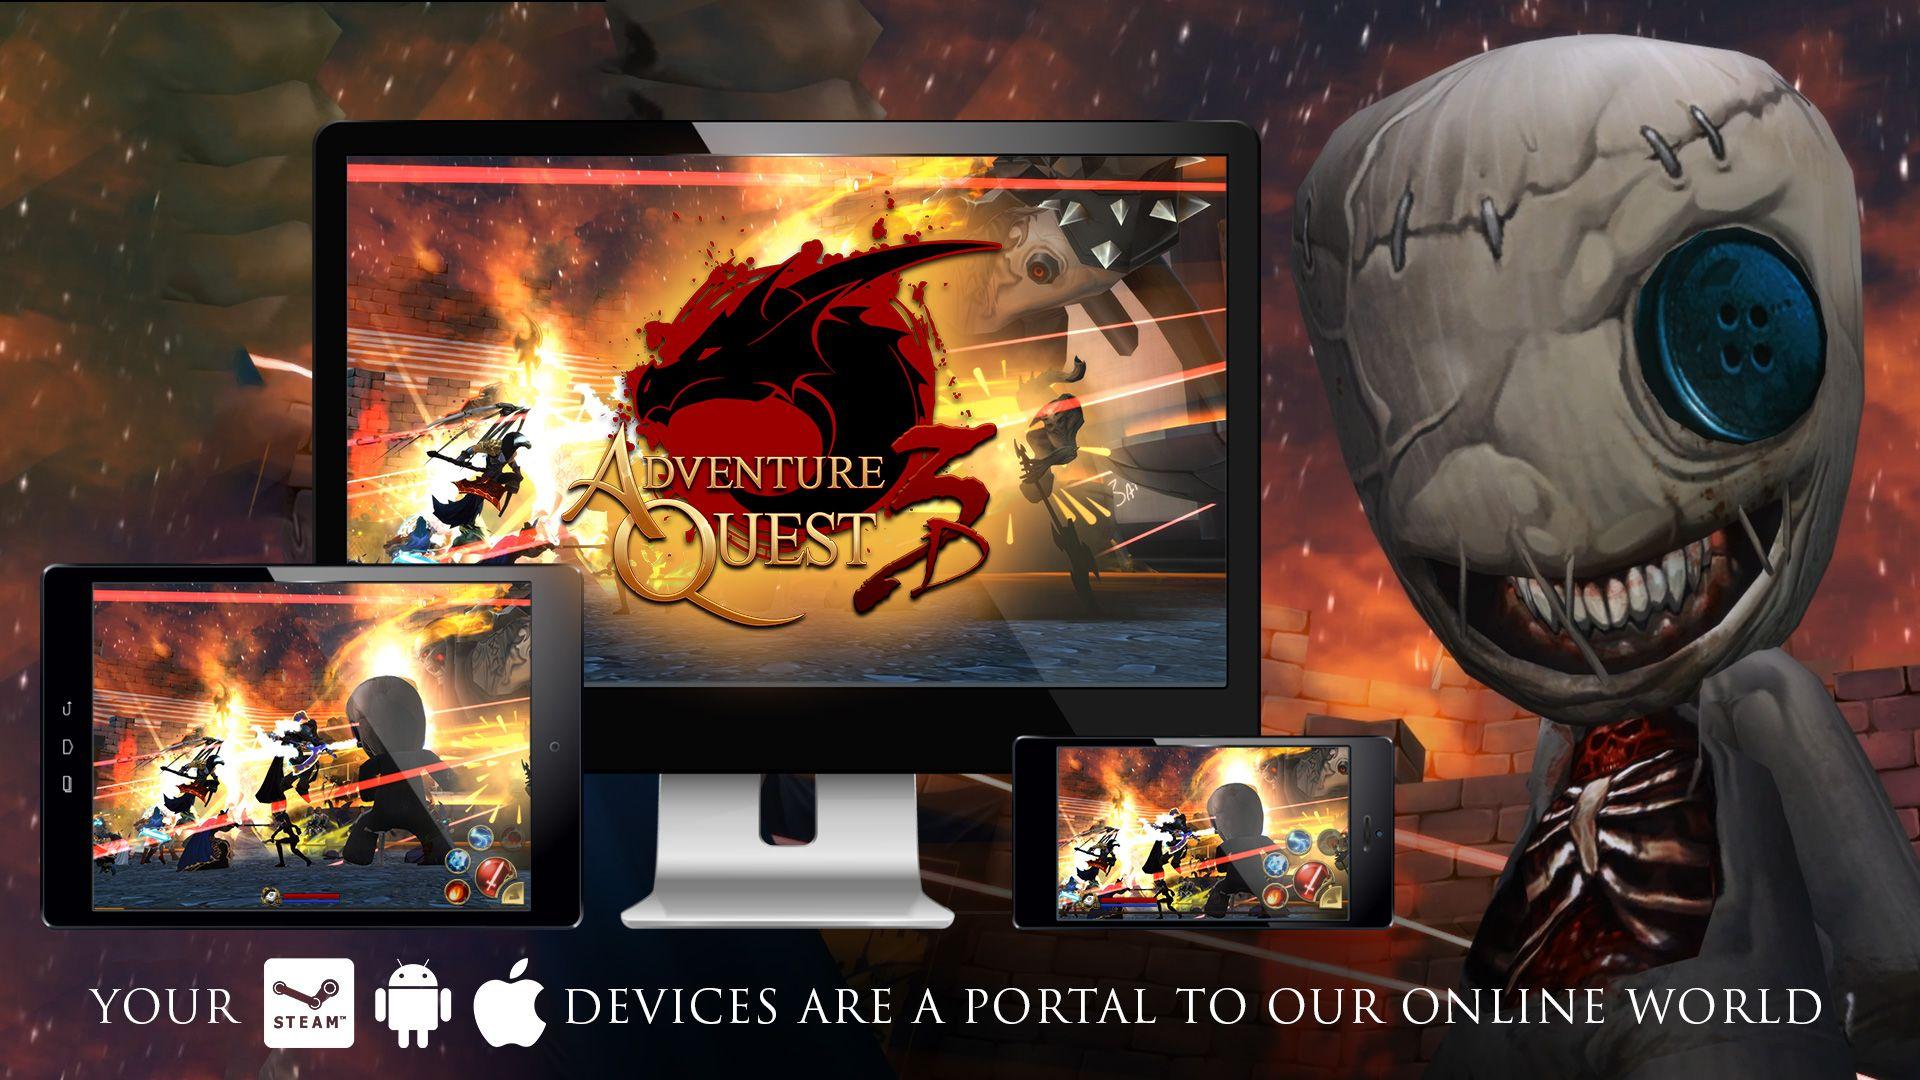 AdventureQuest 3D is a cross-platform MMORPG